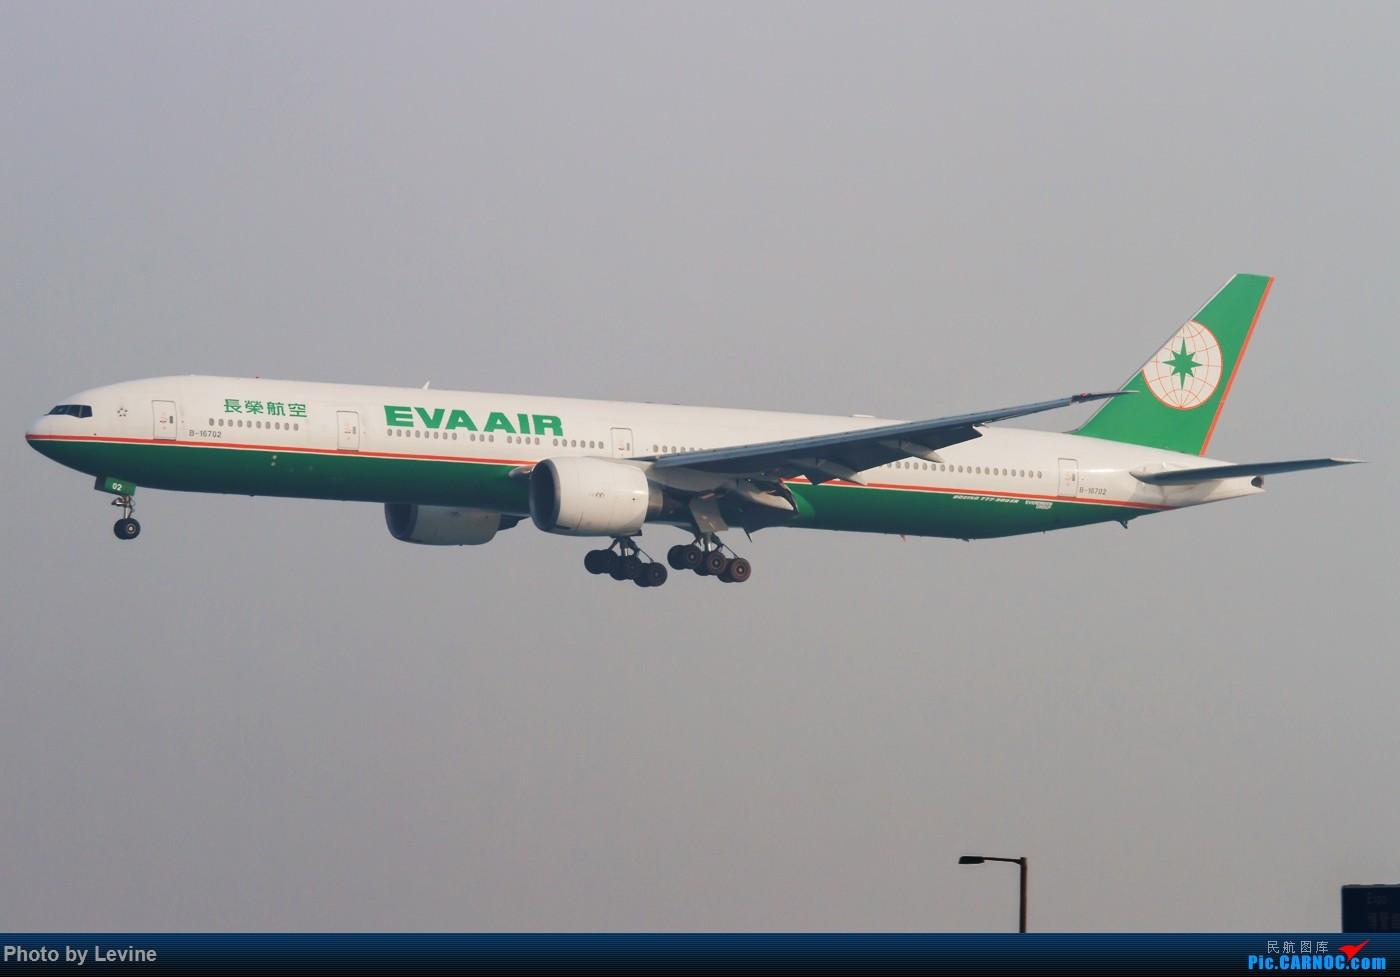 ◇ ■ ◇ ■ ◇ ■难得去一次香港却遇到大烂天◇ ■ ◇ ■ ◇ ■ BOEING 777-300 B-16702 中国香港赤鱲角国际机场